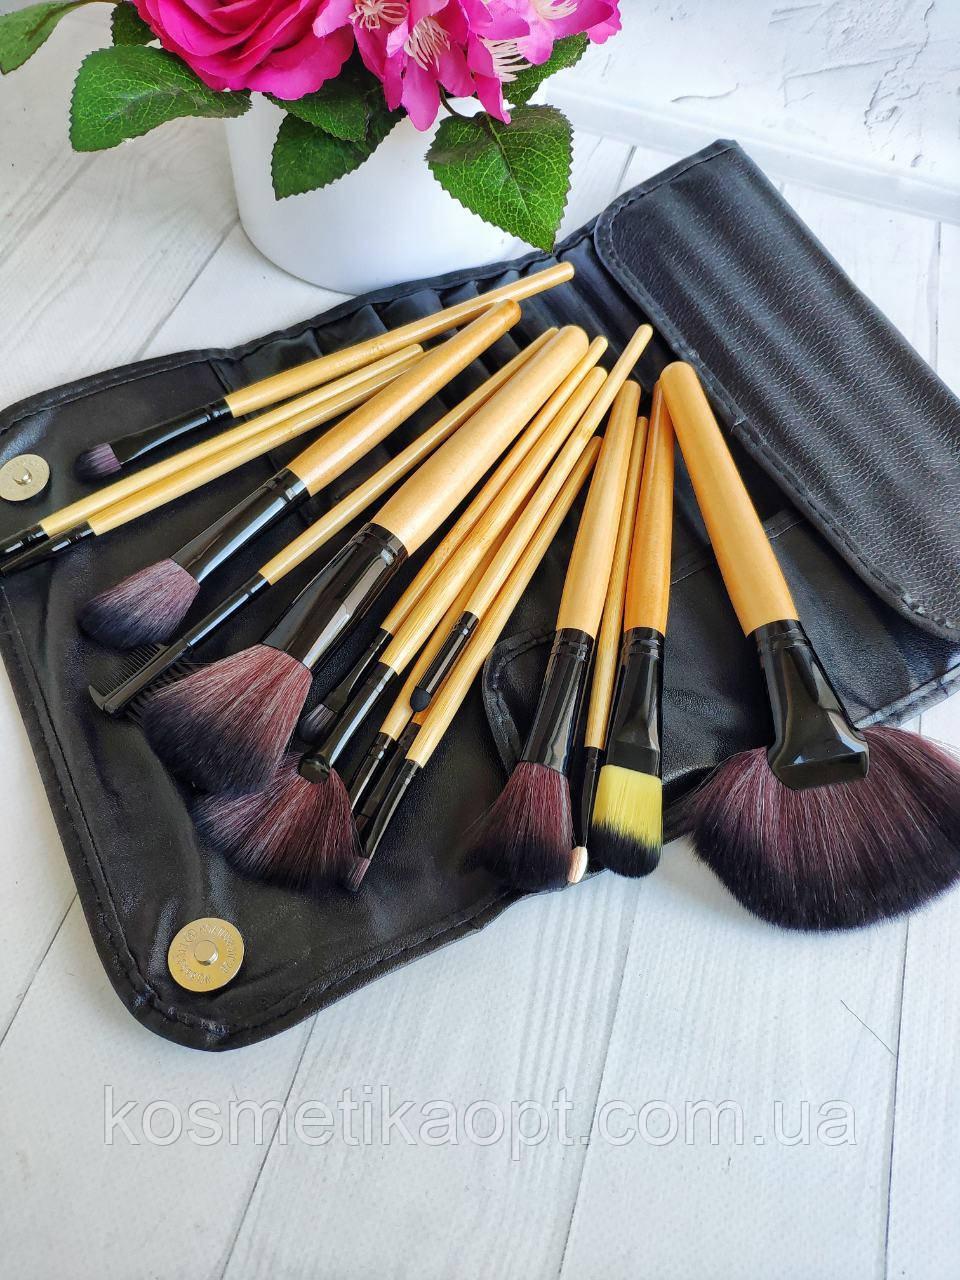 Набор кистей для макияжа 16 штук с деревянными ручками + чехол на кнопке